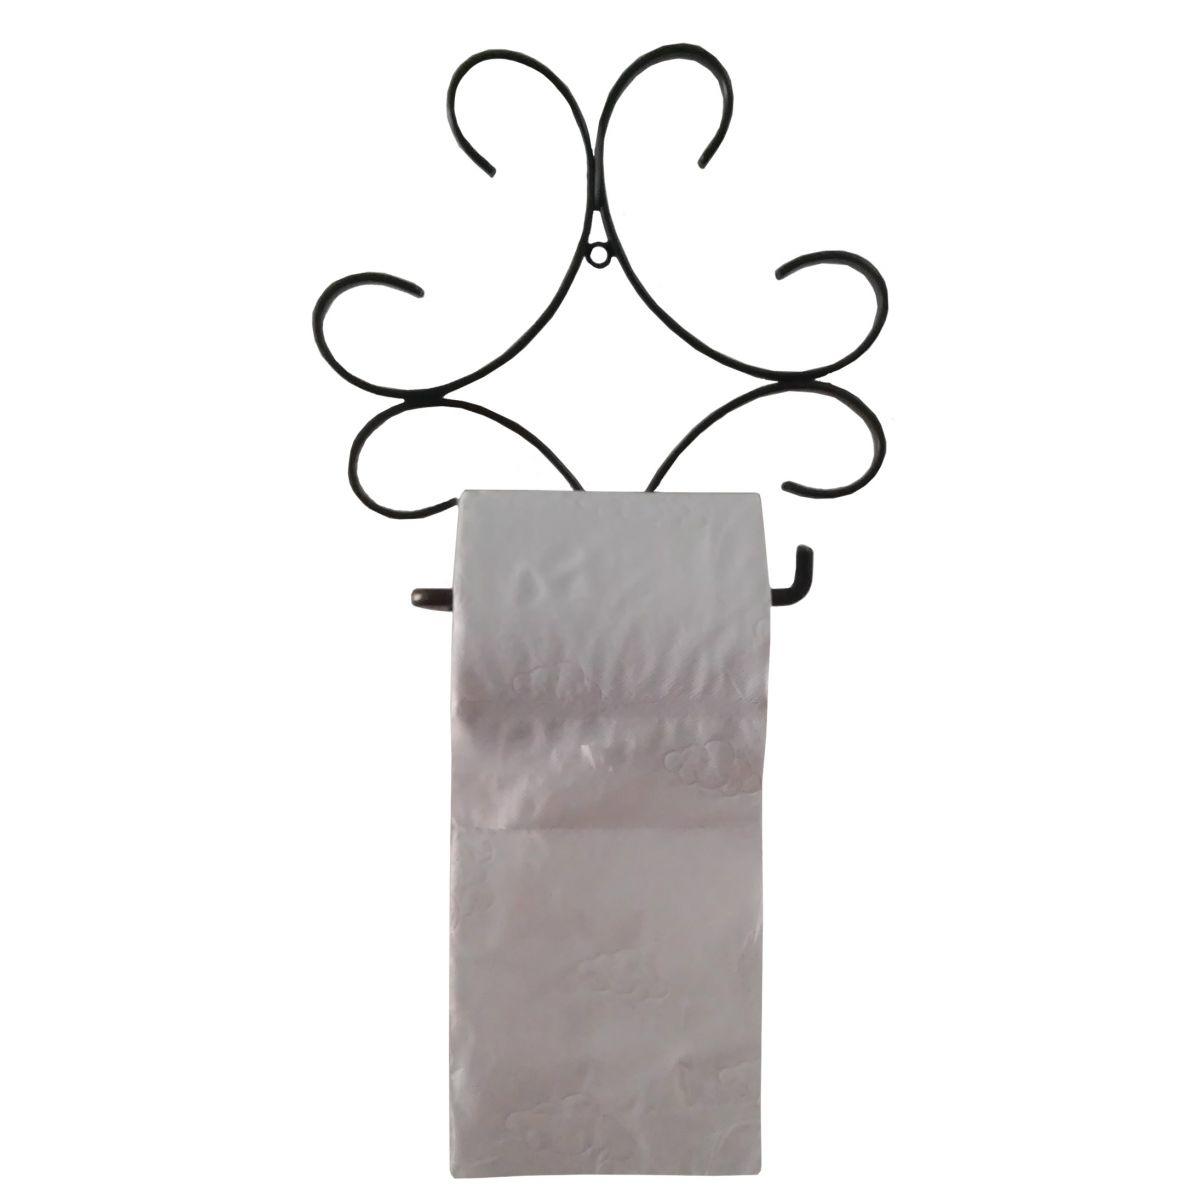 Porta Papel Higienico Artesanal De Ferro Rústico para Banheiro Rococó Verniz